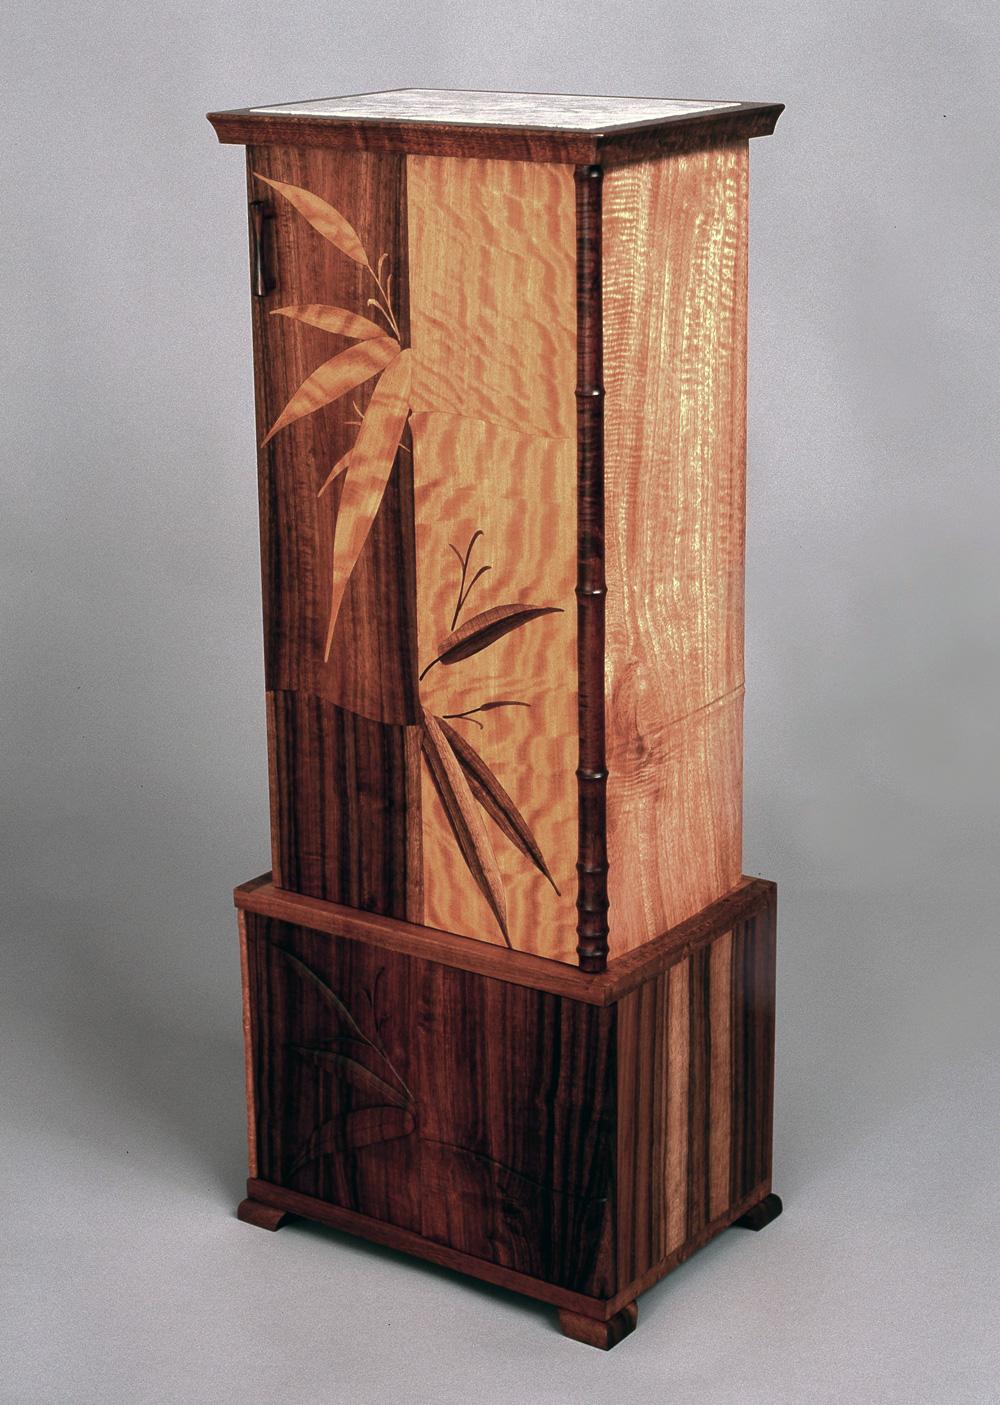 Ulu'ohe Bamboo Stand